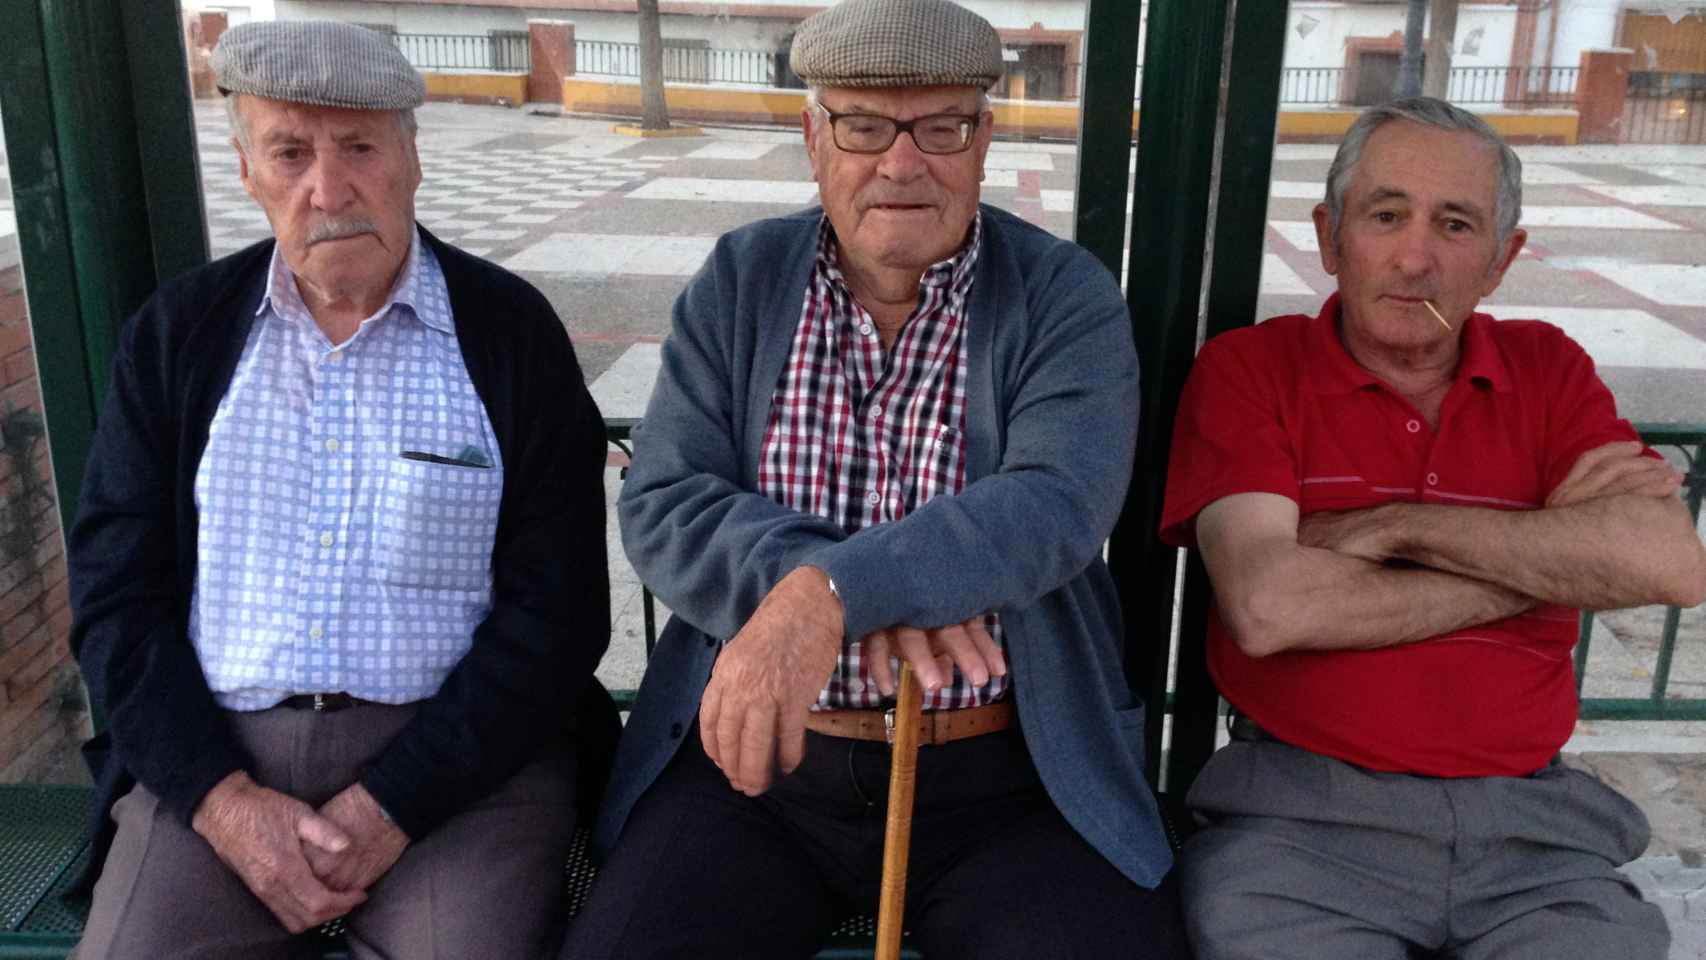 De izquierda a derecha, los hermanos José y Francisco López Martos, junto a Francisco López, de rojo. Los tres conocieron a Juanillo el de la Frasca, el abuelo del político independentista.